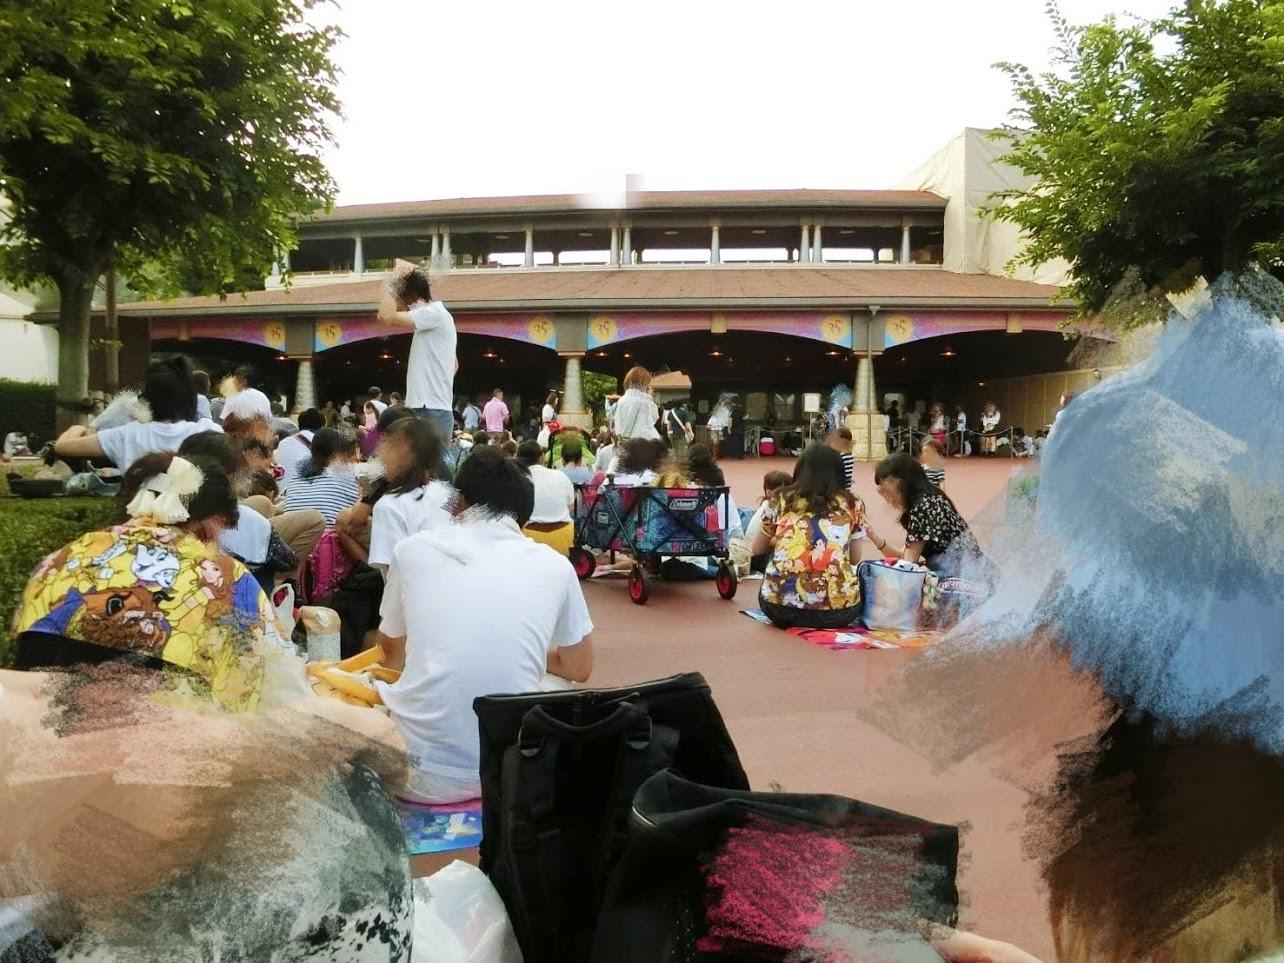 土日祝日・混雑時に人混みに負けないディズニーリゾートの過ごし方